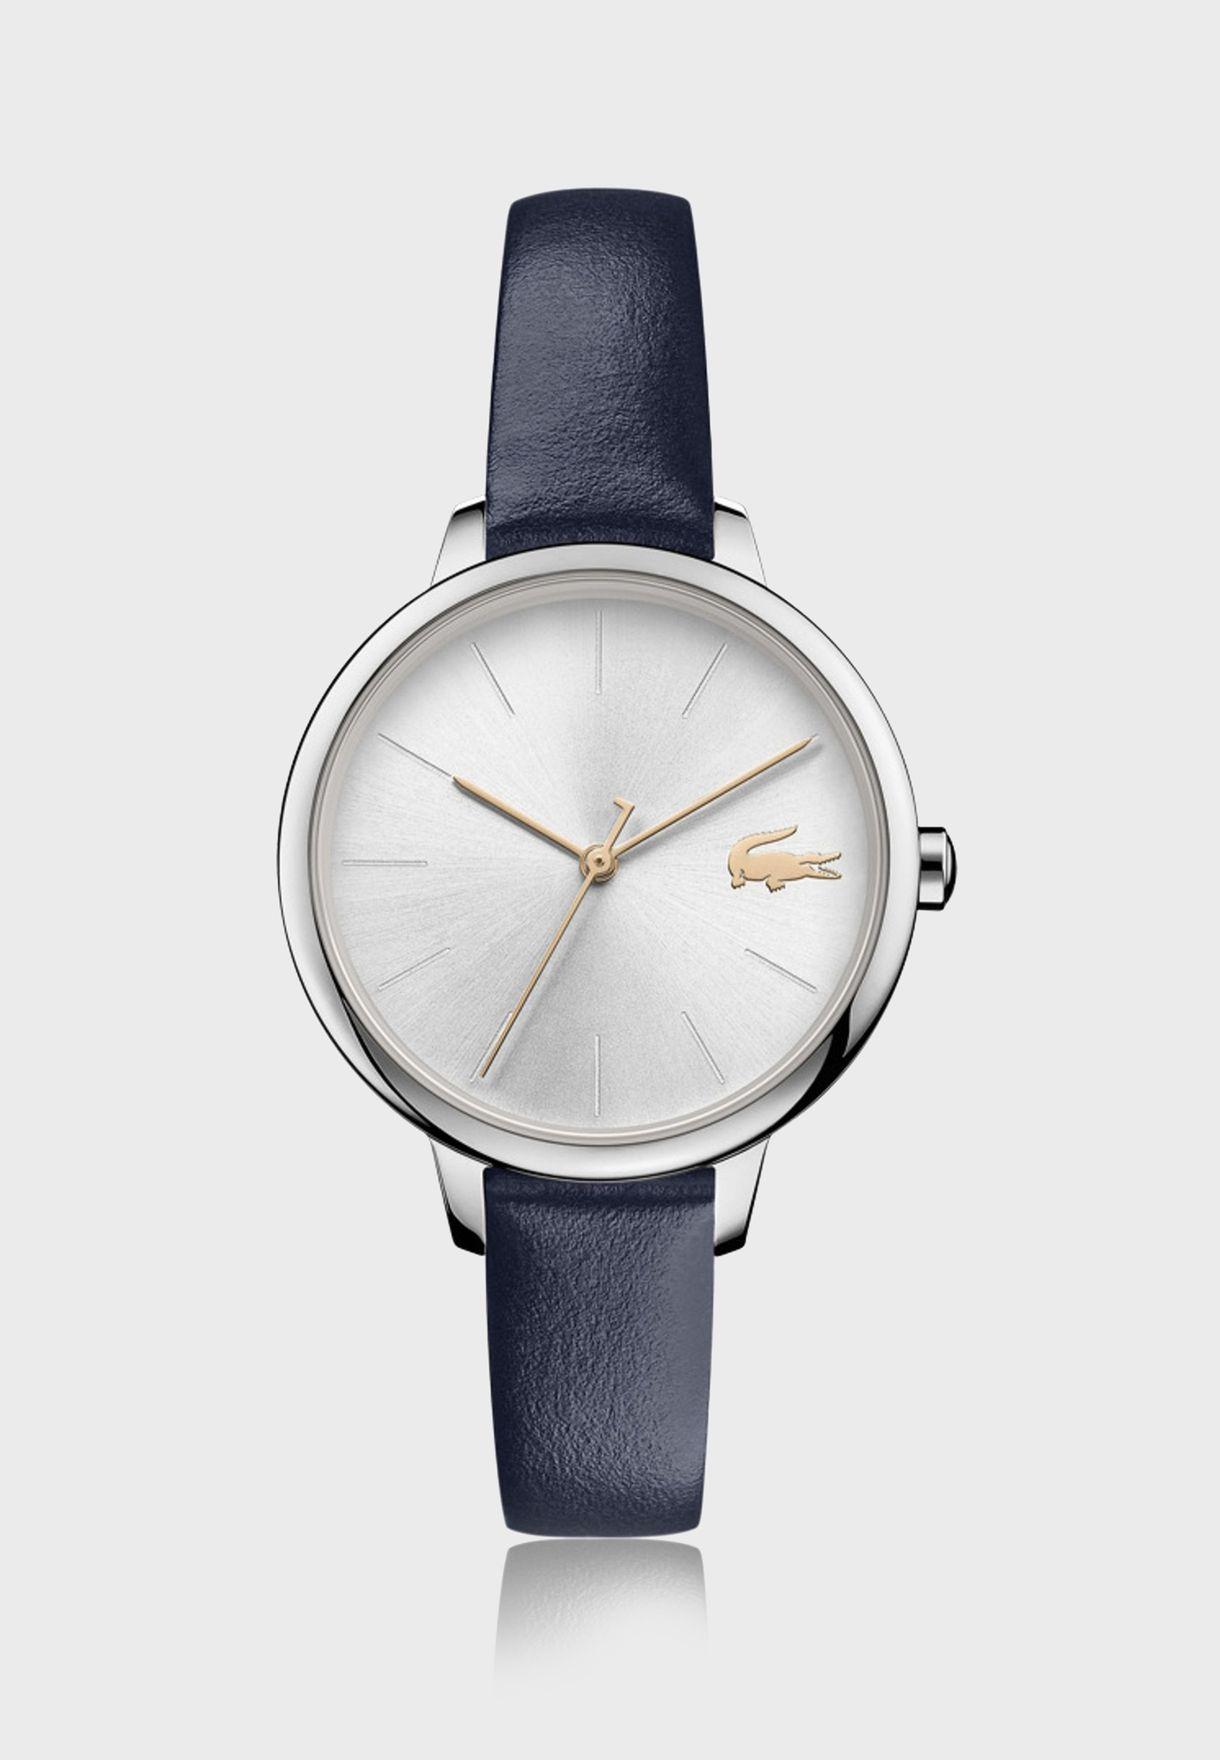 ساعة لاكوست كان للنساء بسوار جلدي - 2001100